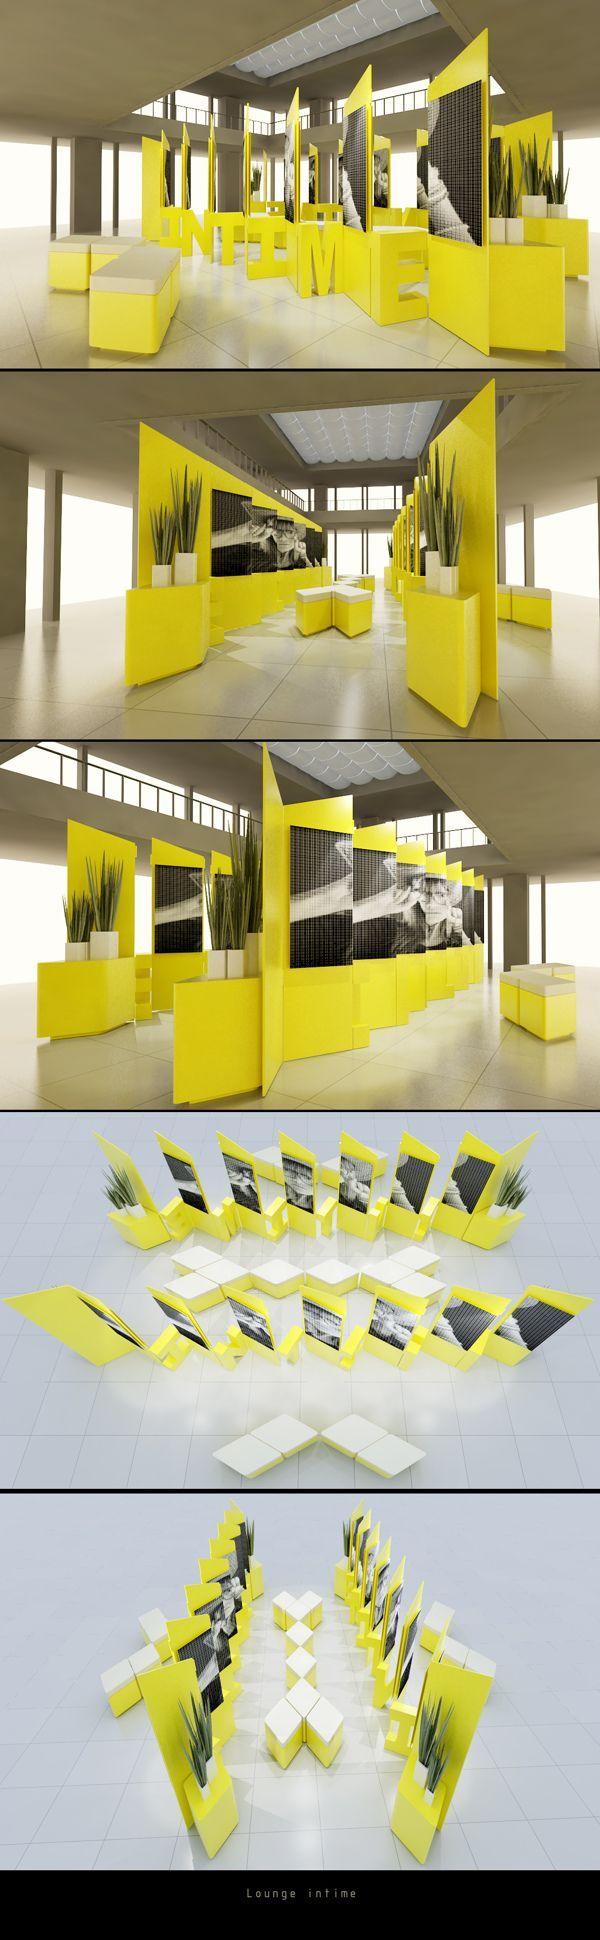 Kubik Exhibition Stand View : E ea d cce f df c fd g 픽셀 小屋